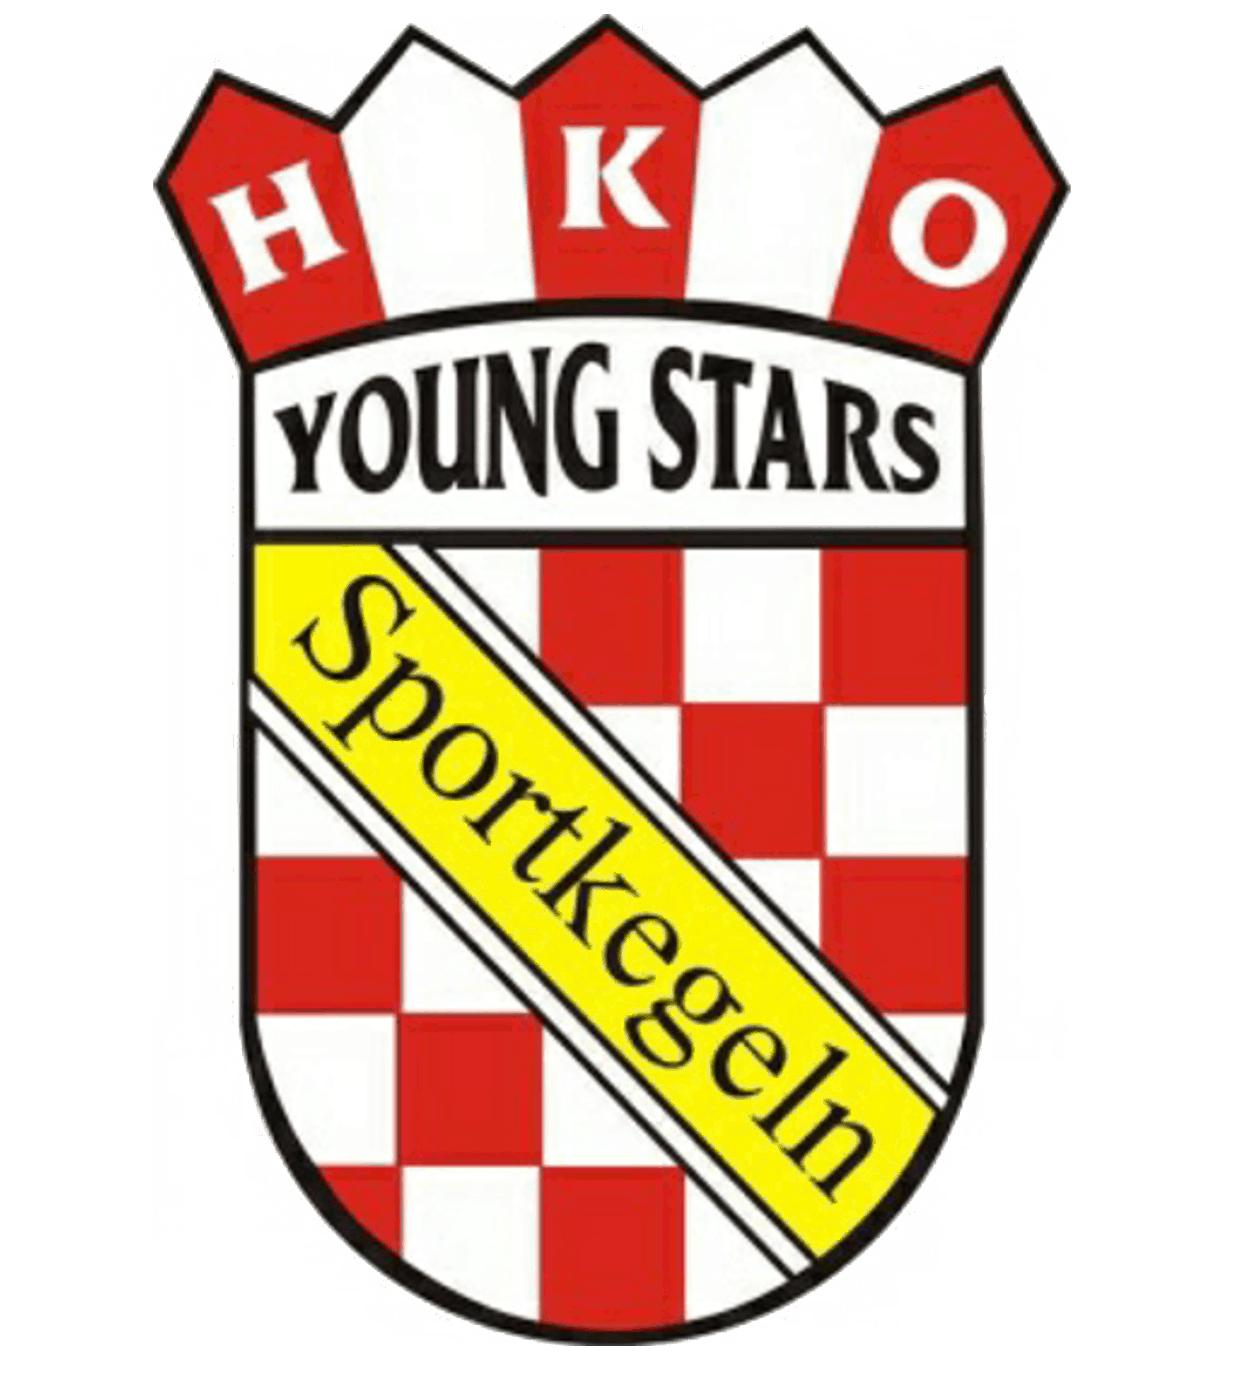 HKO Young Stars